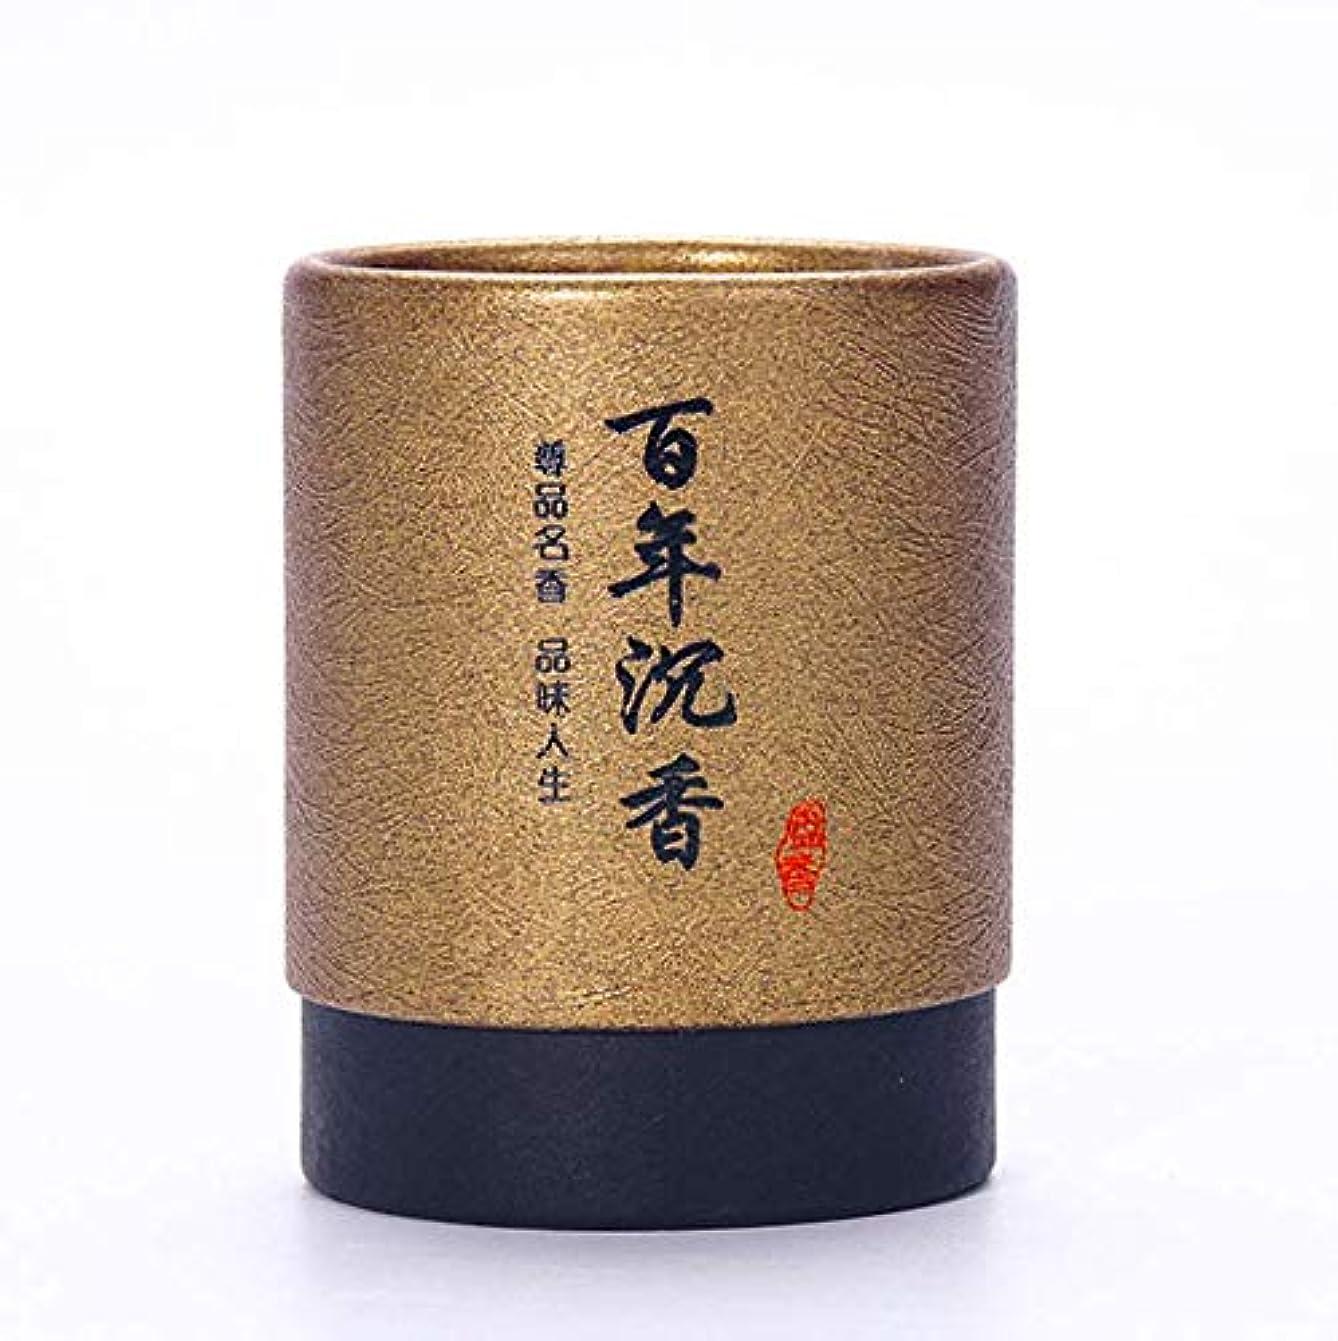 ビルダー四面体魔女HwaGui お香 2時間 盤香 渦巻き線香 優しい香り 48巻入 沉香(百年沈香)